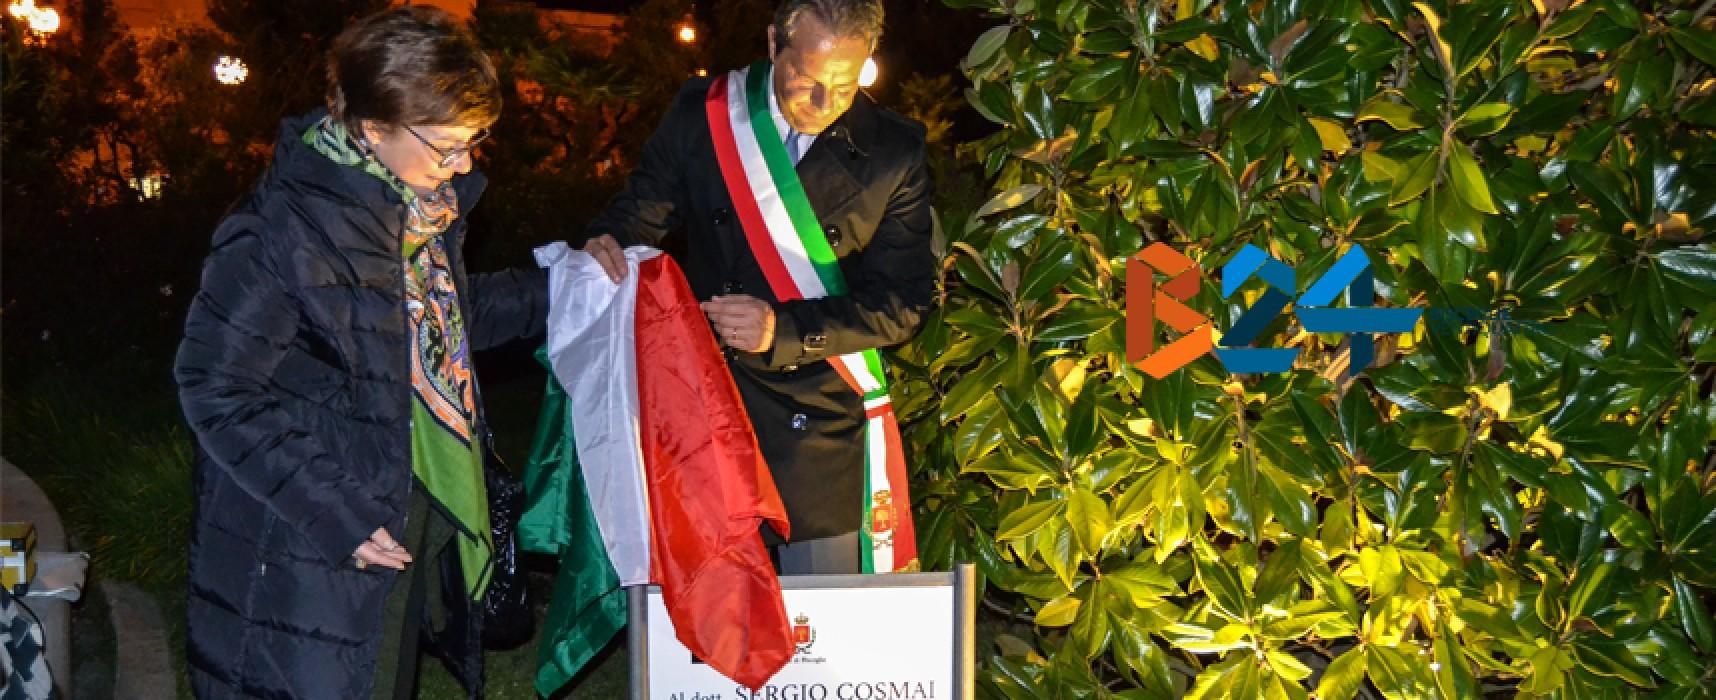 Albero di magnolia piantato in piazza Vittorio Emanuele in ricordo di Sergio Cosmai / FOTO